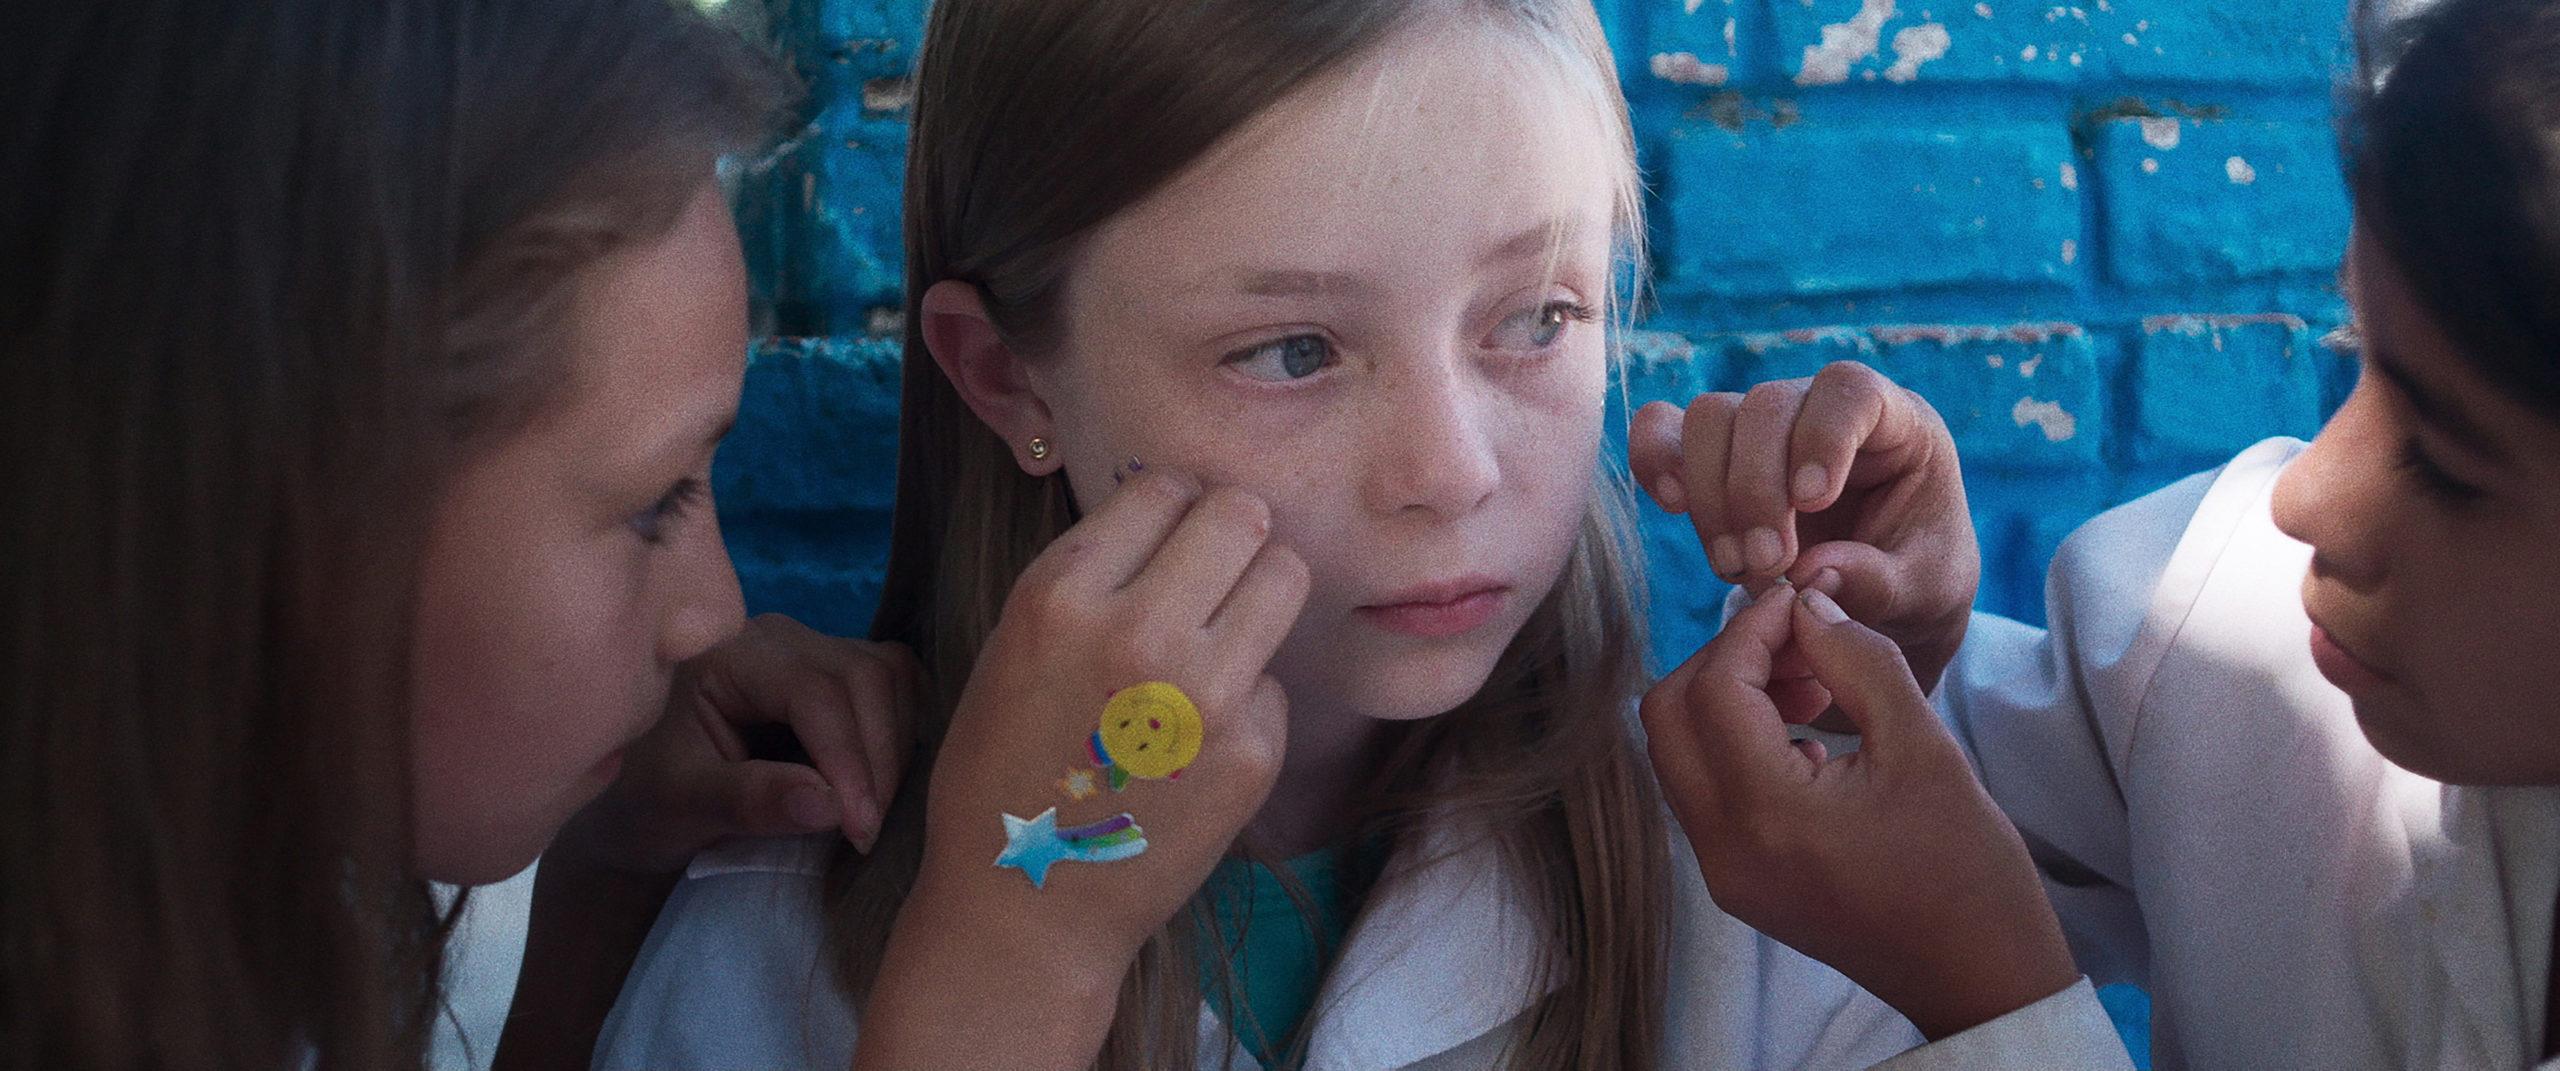 """""""Una escuela en Cerro Hueso"""": Die sechsjährige Ema ist eine aufmerksame Beobachterin der Welt. Foto: Betania Cappato & Iván Fund"""